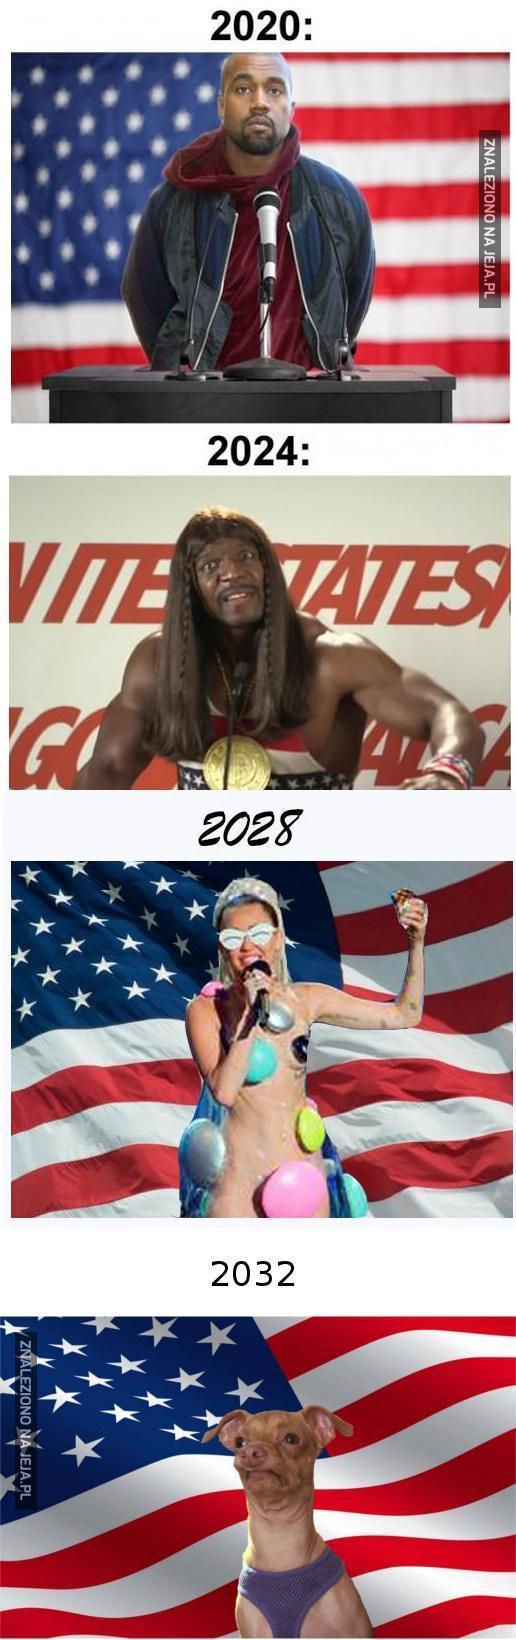 Jest nadzieja na 2032...